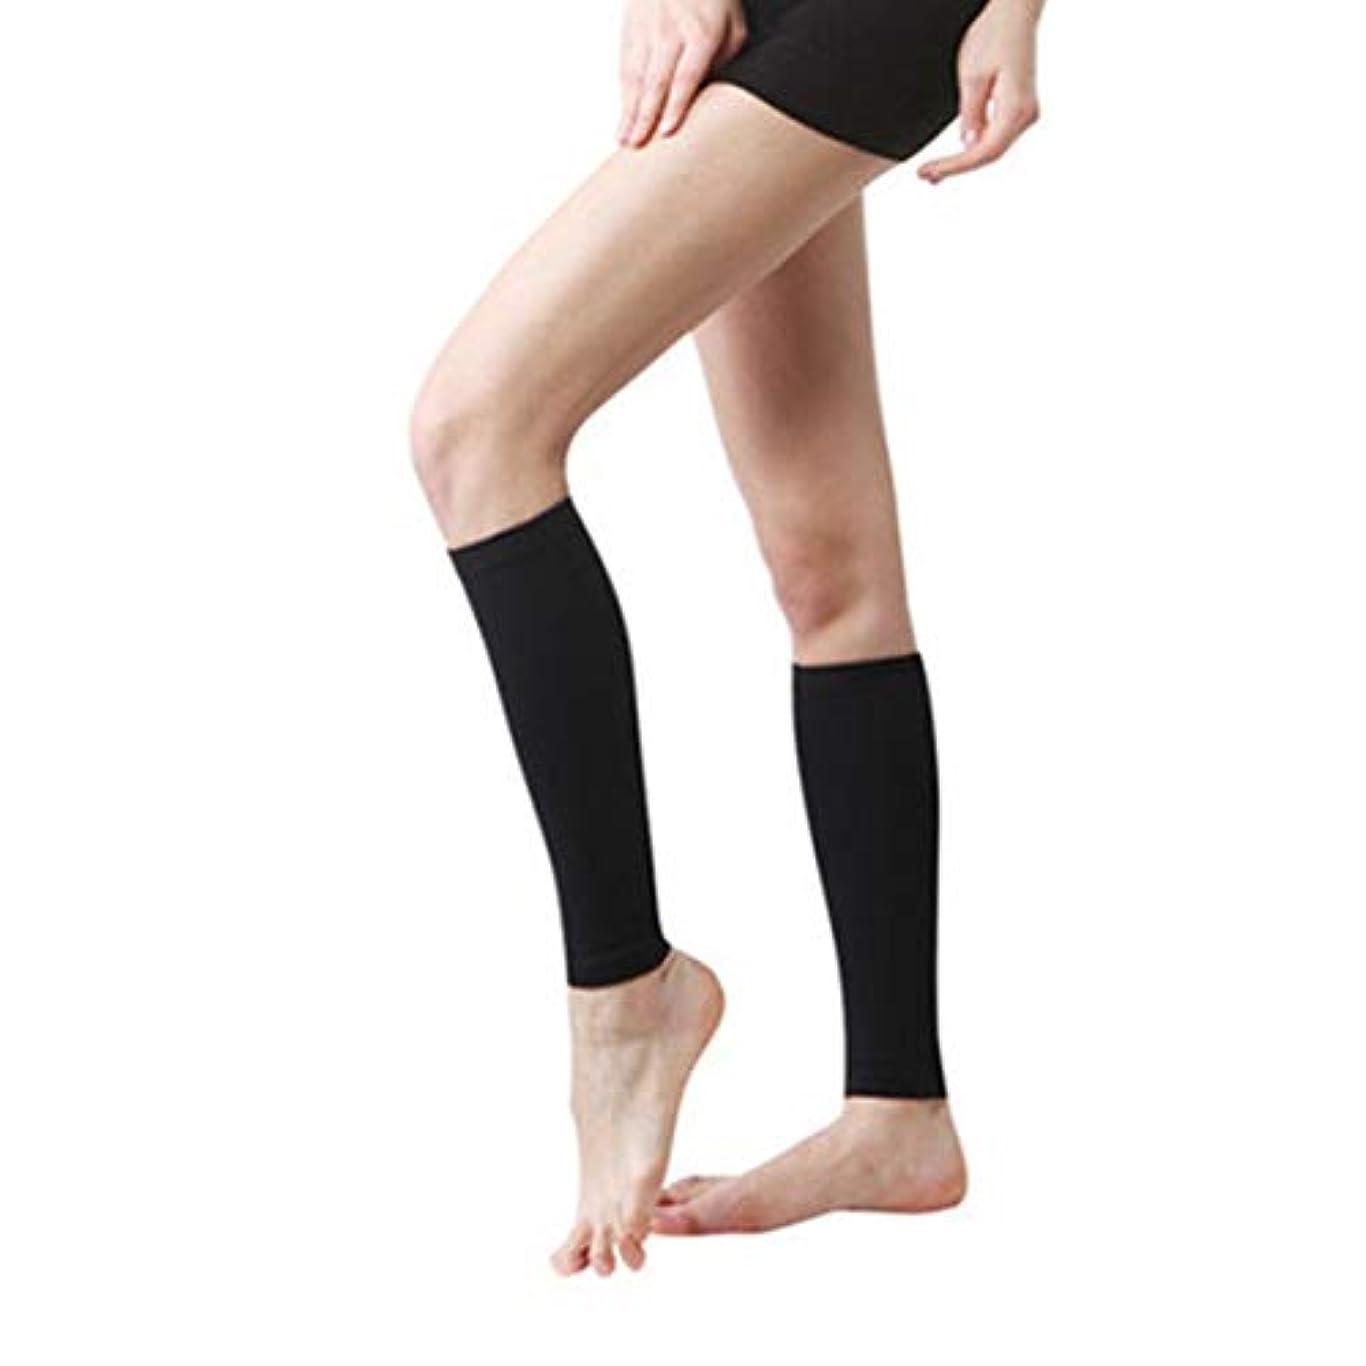 おじいちゃん区別する再生可能丈夫な男性女性プロの圧縮靴下通気性のある旅行活動看護師用シンススプリントフライトトラベル - ブラック